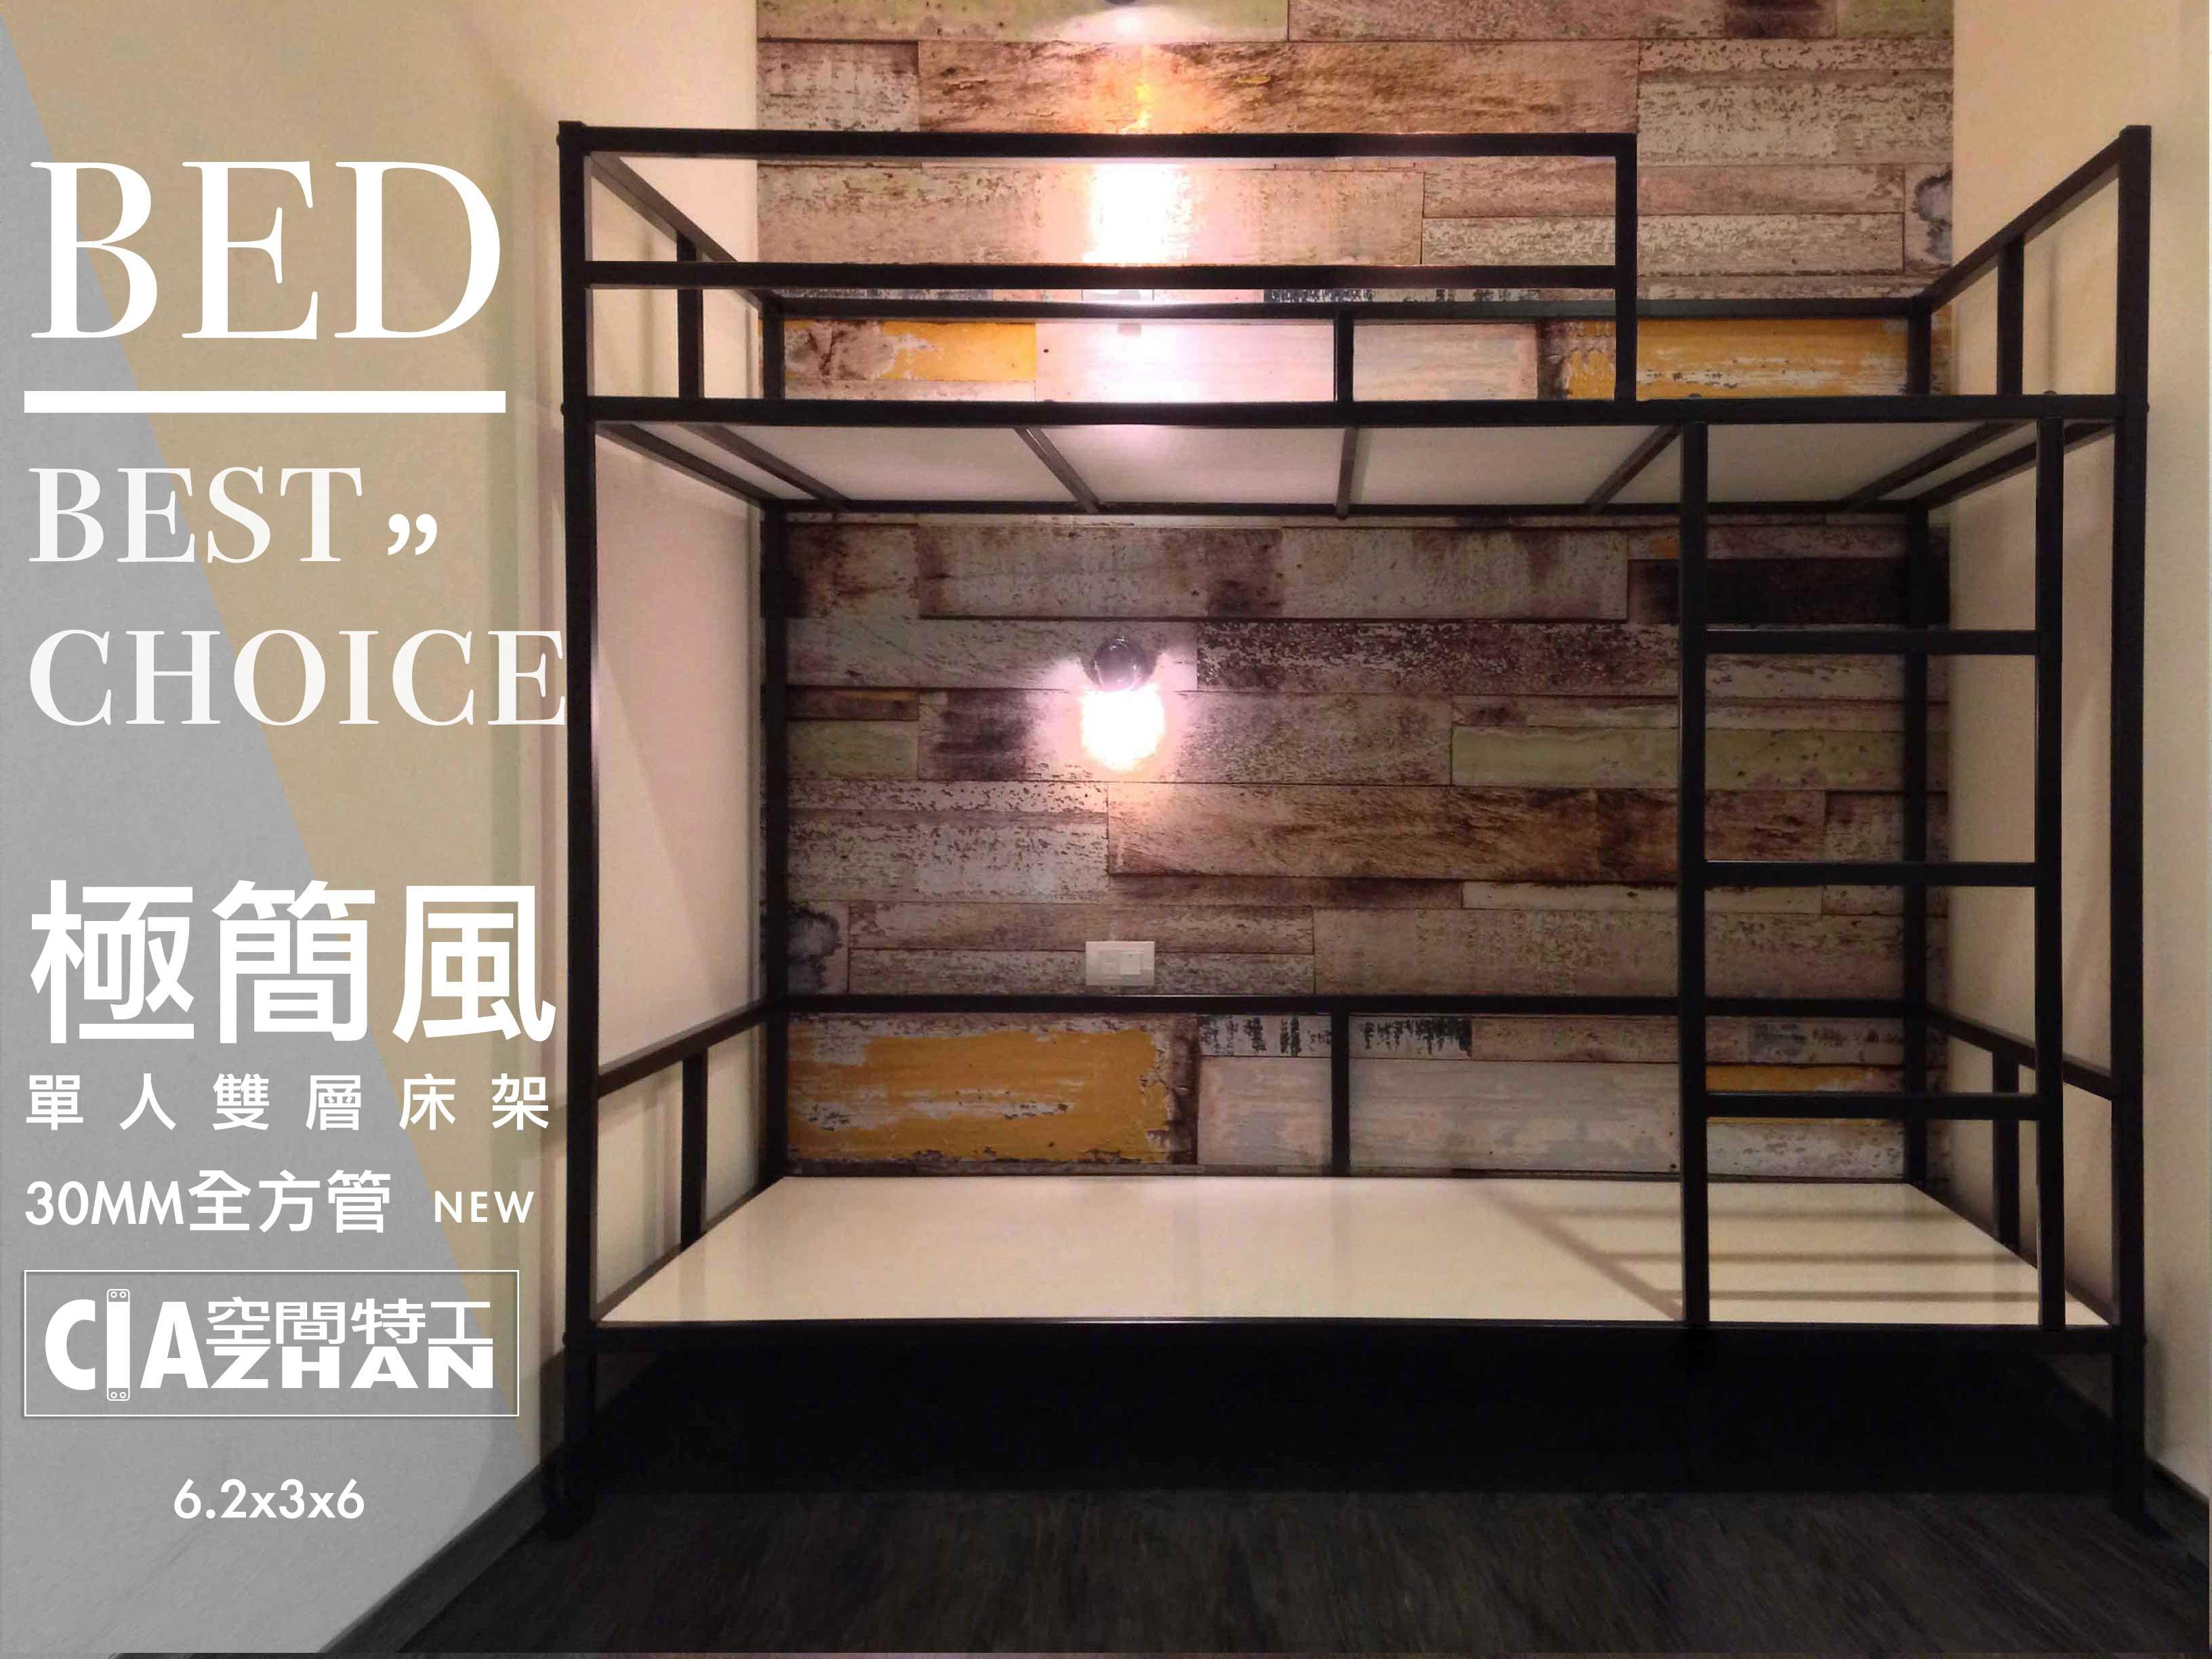 【全新免運】設計款床架 輕量化骨架/上下舖/床組/床底 三尺 30mm方管 雙層床單人床架組  空間特工 【O3A609】